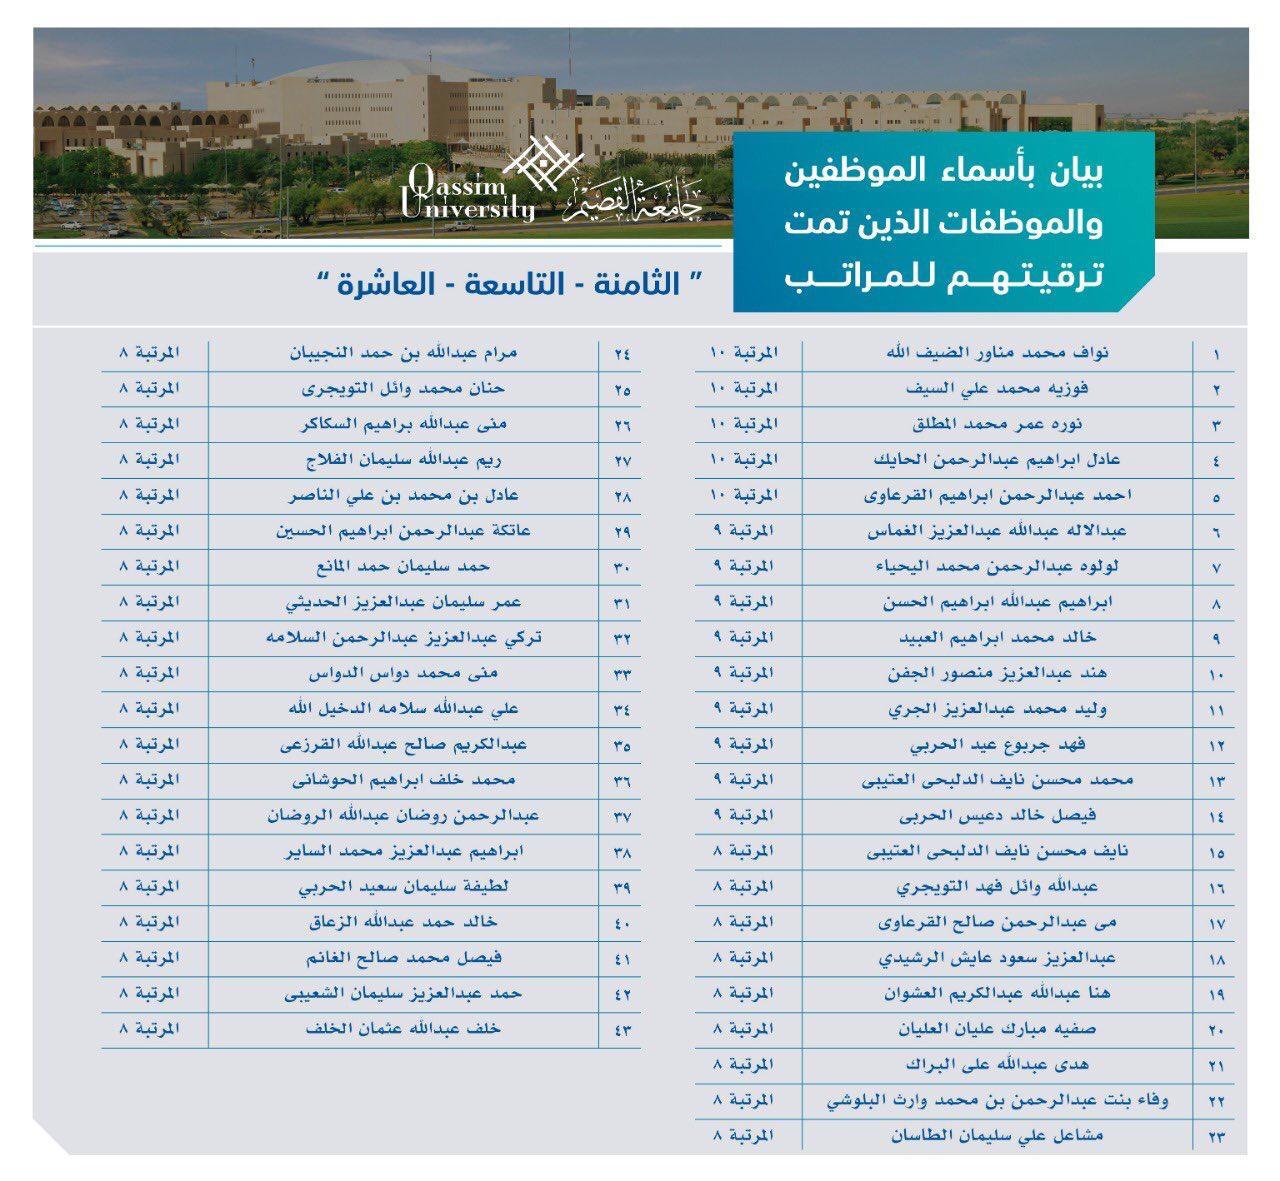 عمادة الموارد البشرية ترقيات موظفي جامعة القصيم في محضر ترقيات الموظفين لشهر رجب لعام 1440 هـ